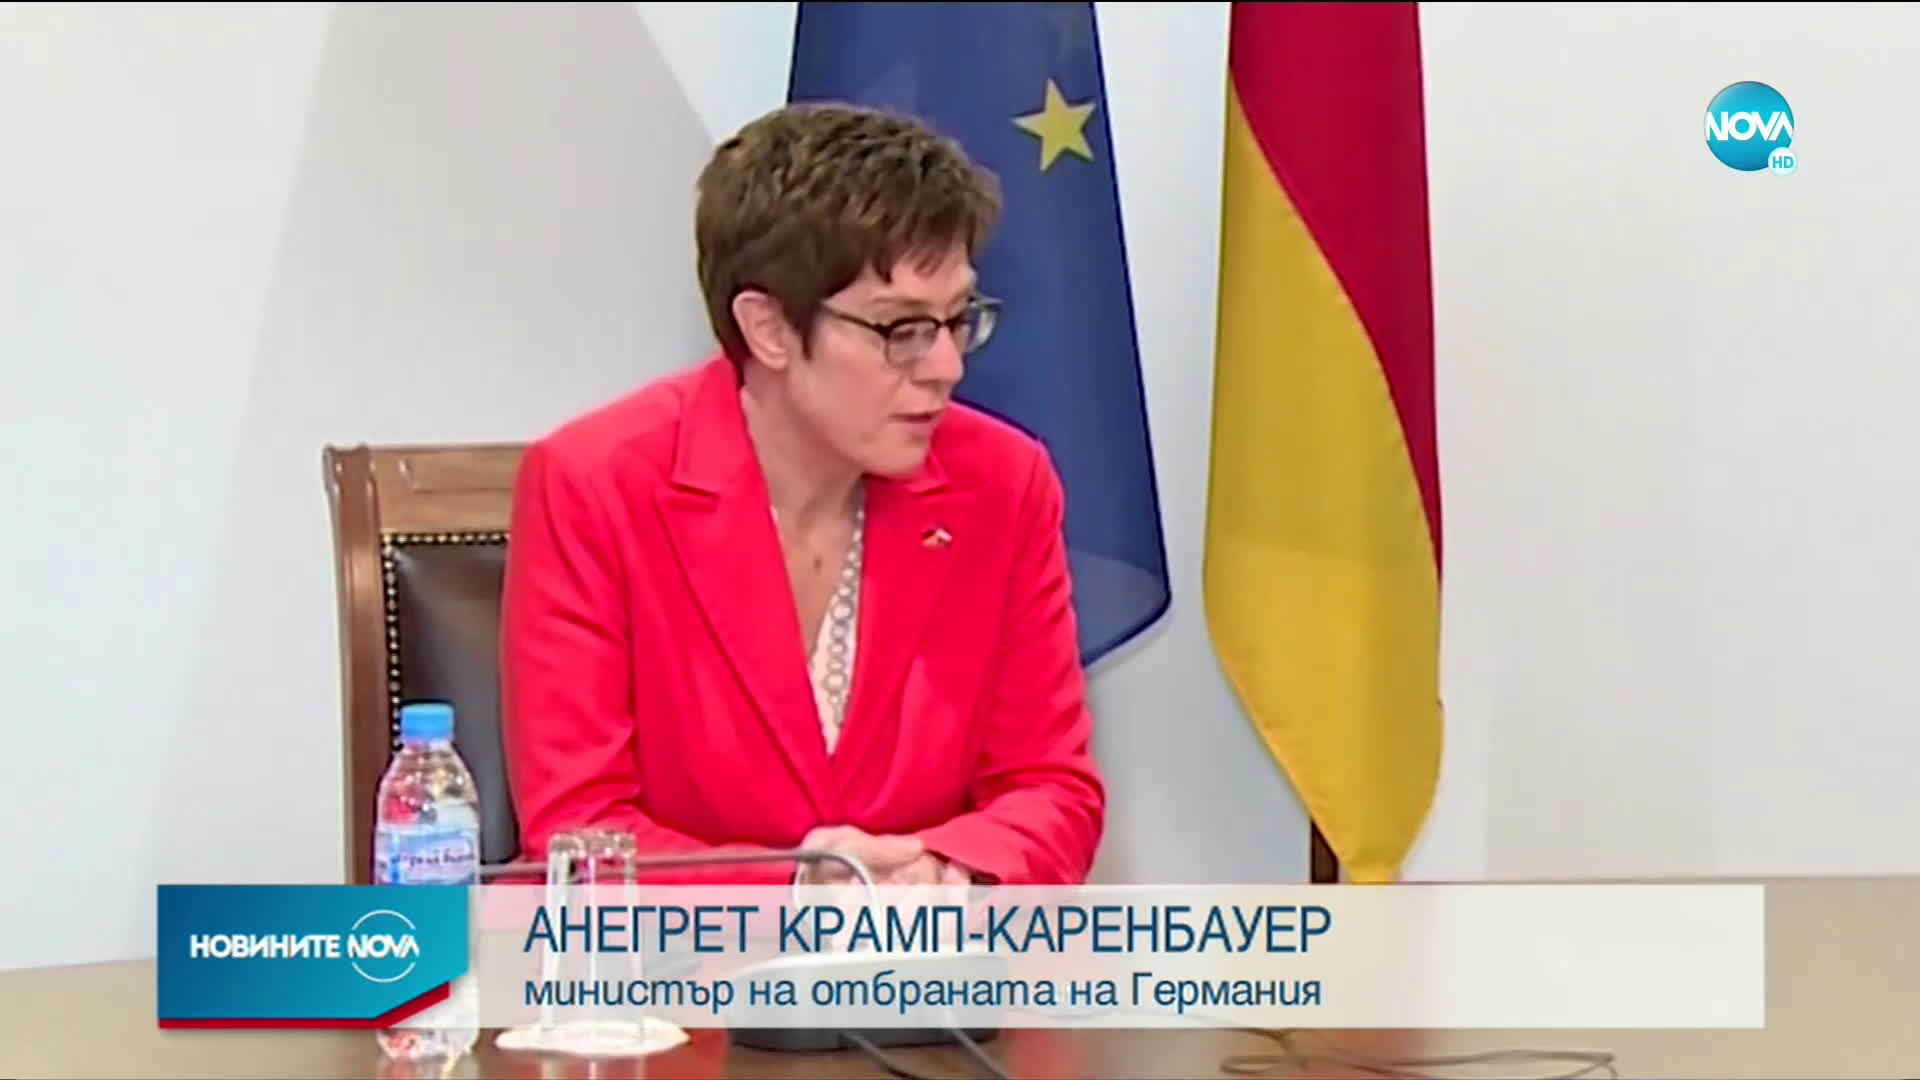 Борисов се срещна с лидера на ХДС Анегрет Крамп-Каренбауер